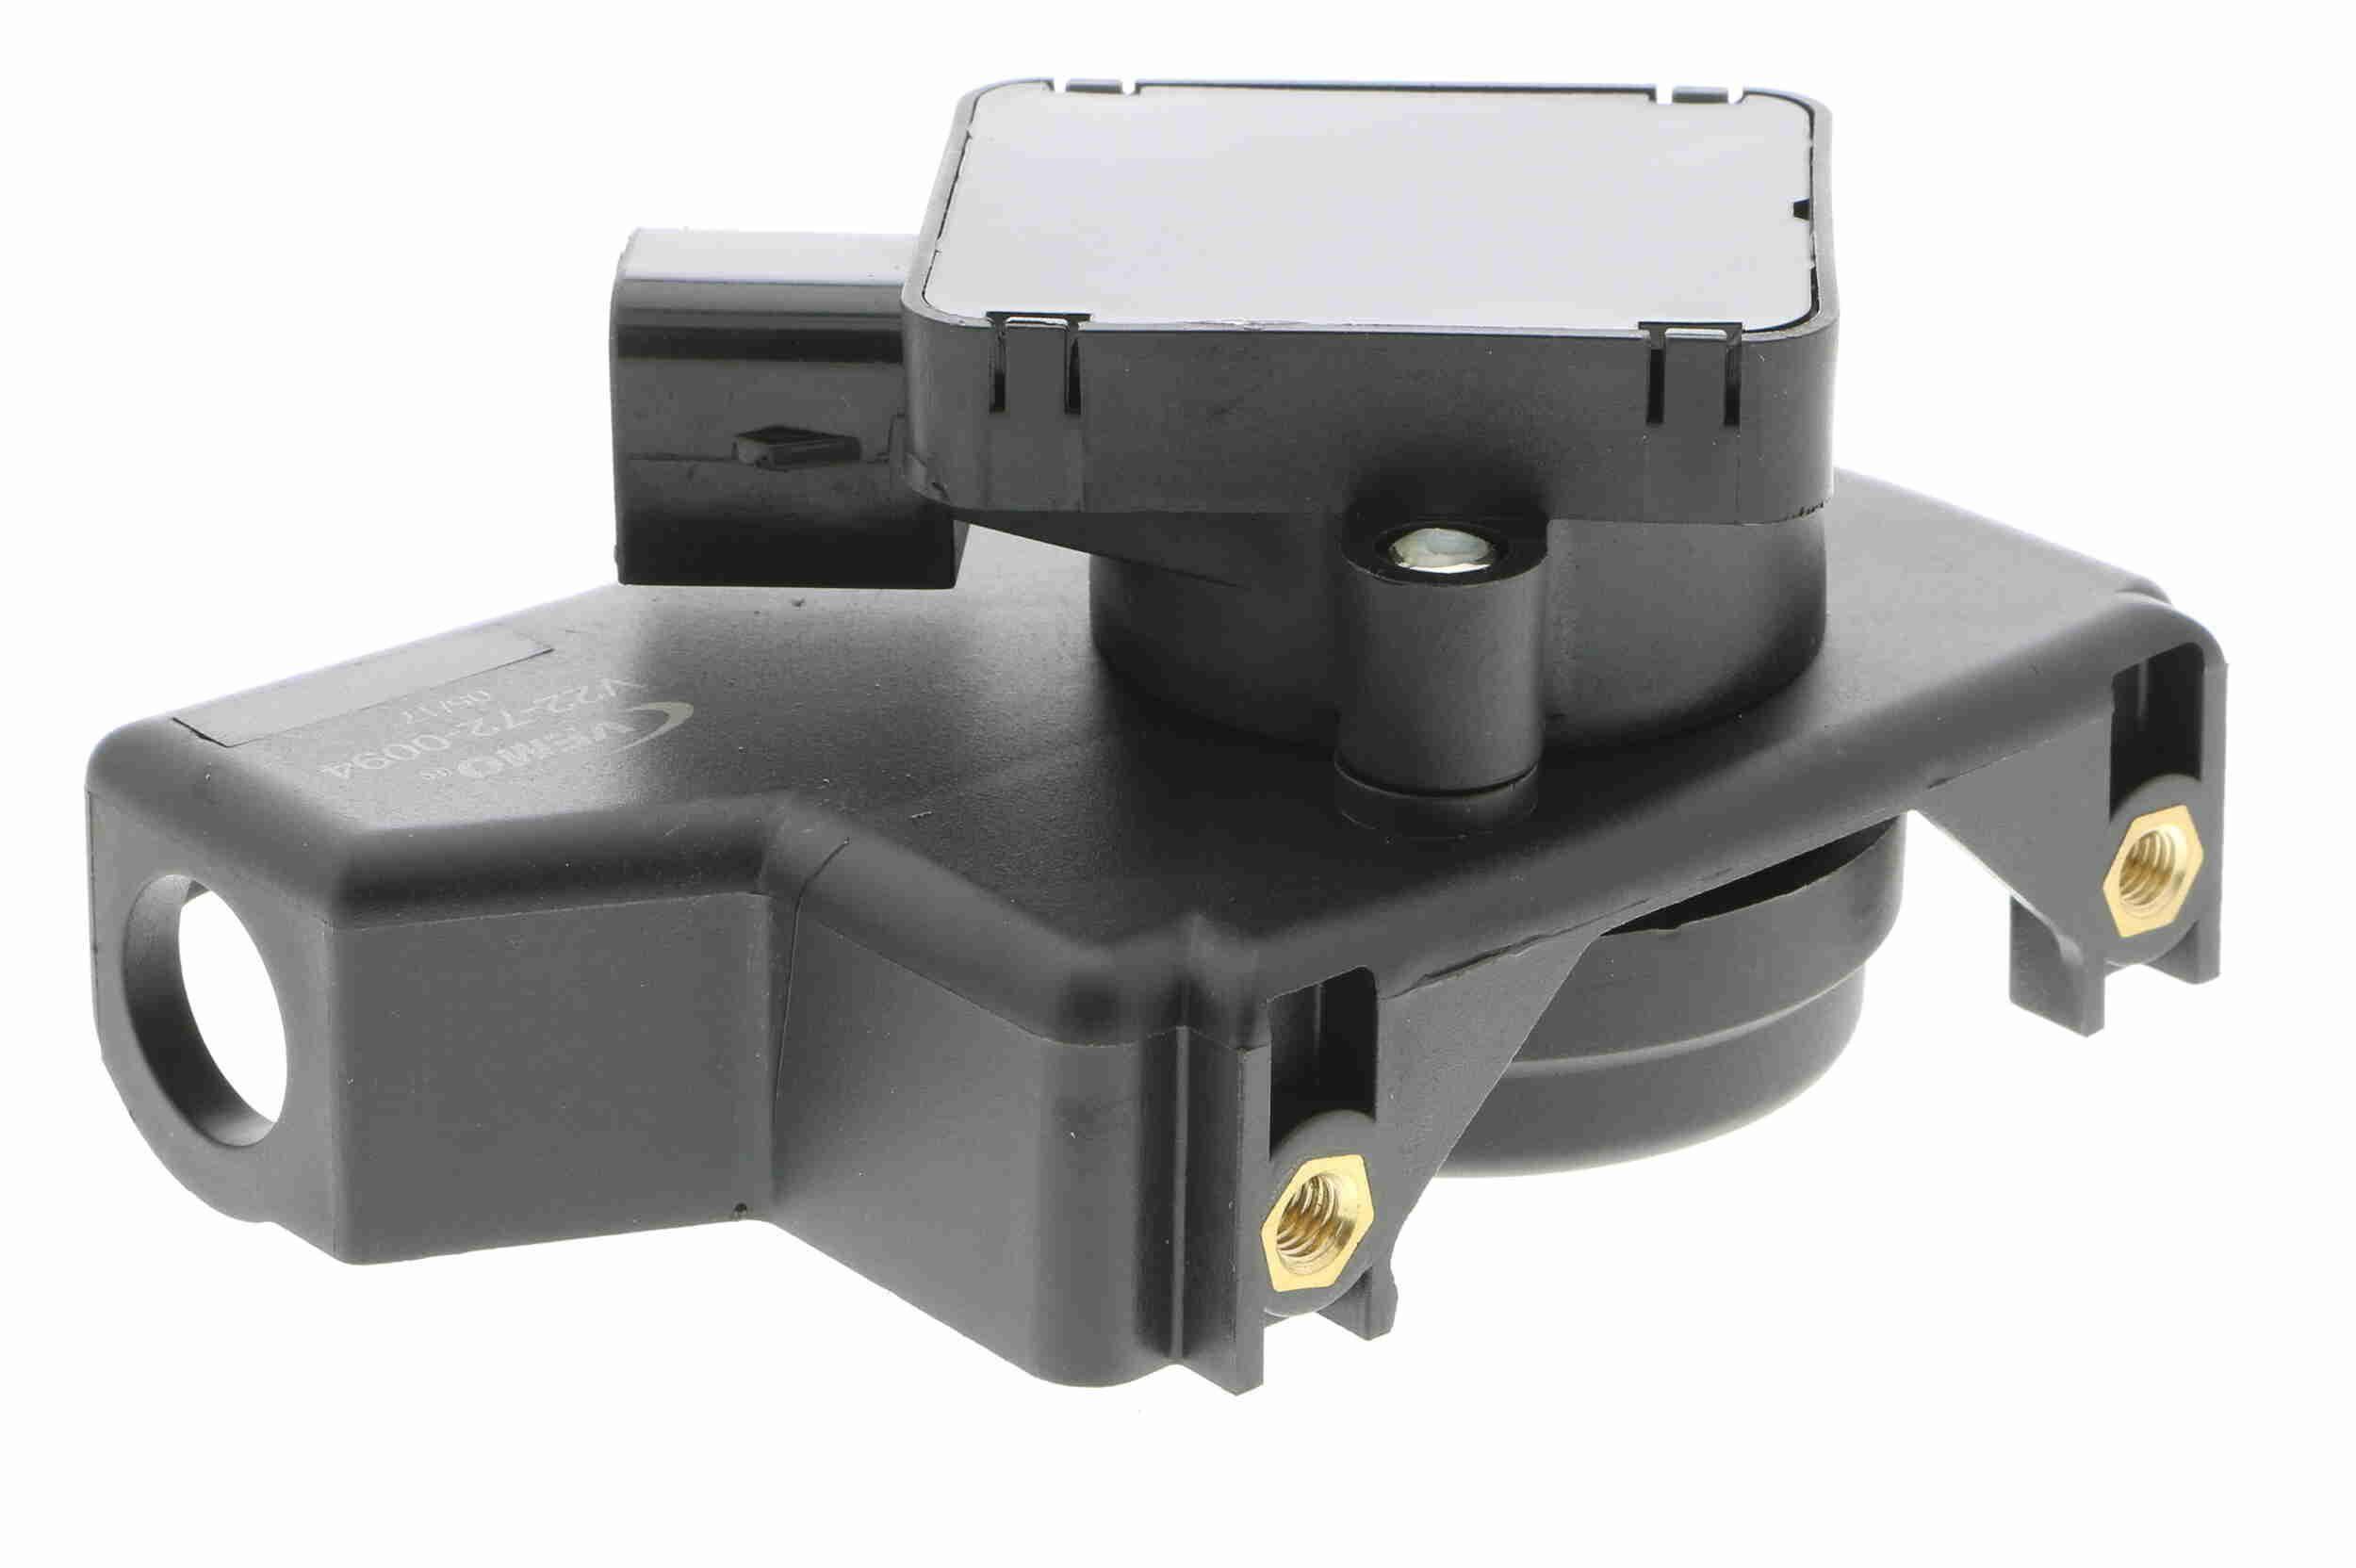 V22-72-0094 VEMO Αισθητ., θέση πεταλ. γκαζιού - αγοράστε ηλεκτονικά